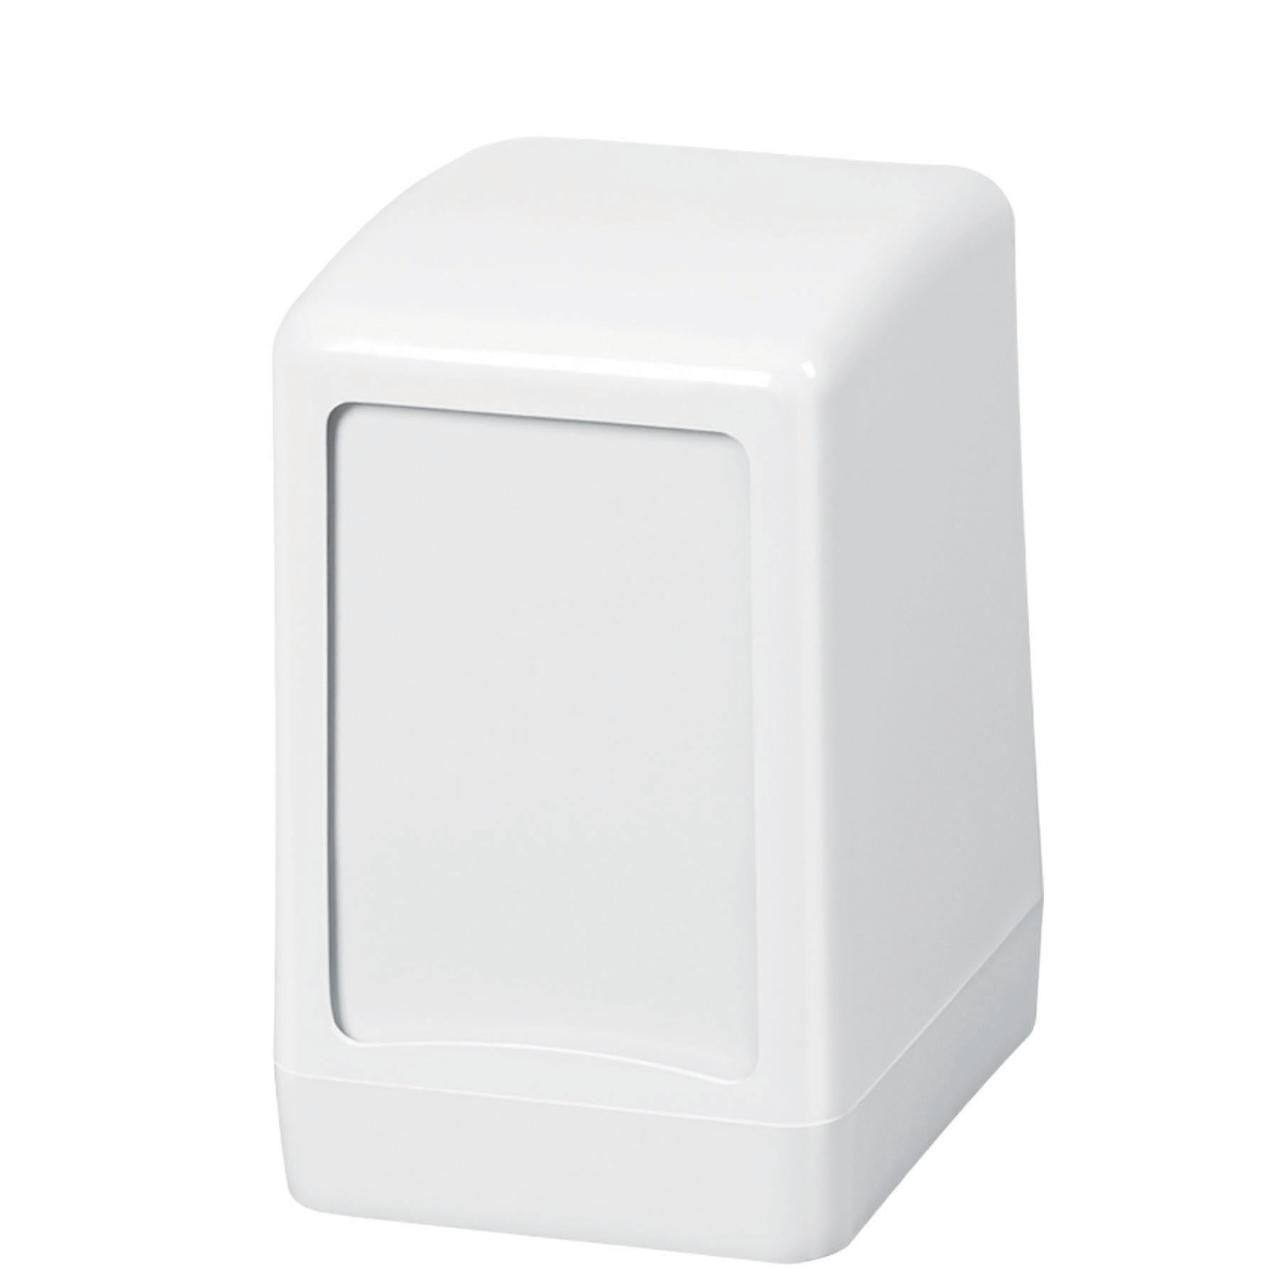 Диспенсер для настольных салфеток Wespa, белого цвета (эконом класс)